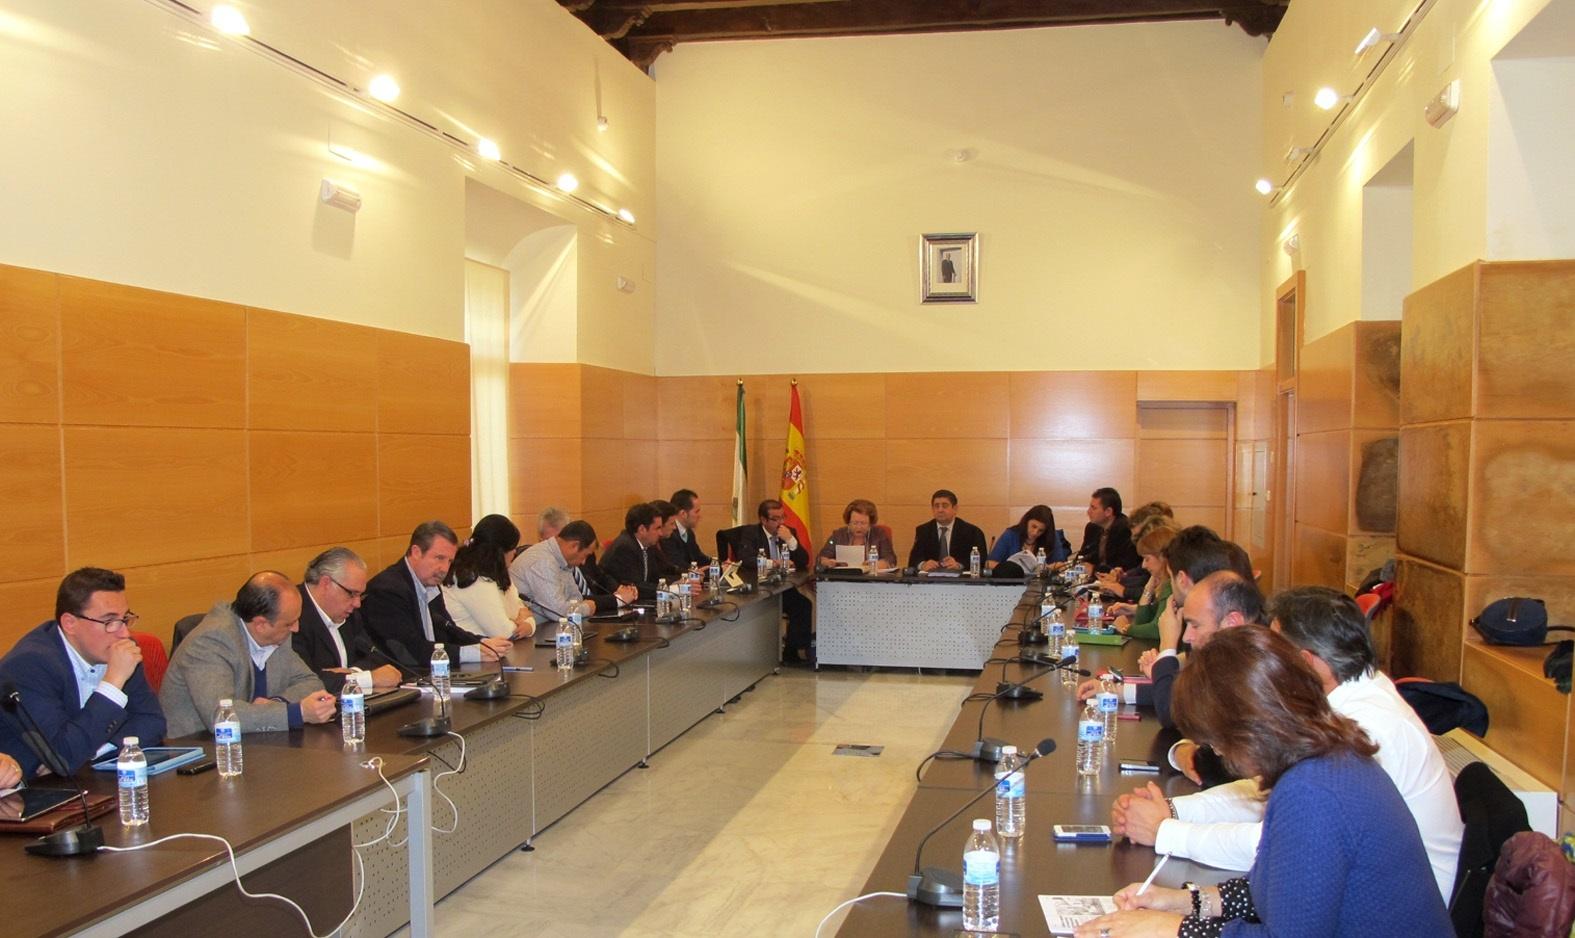 El pleno de la Diputación aprueba iniciar el procedimiento para la adopción de la bandera de la provincia